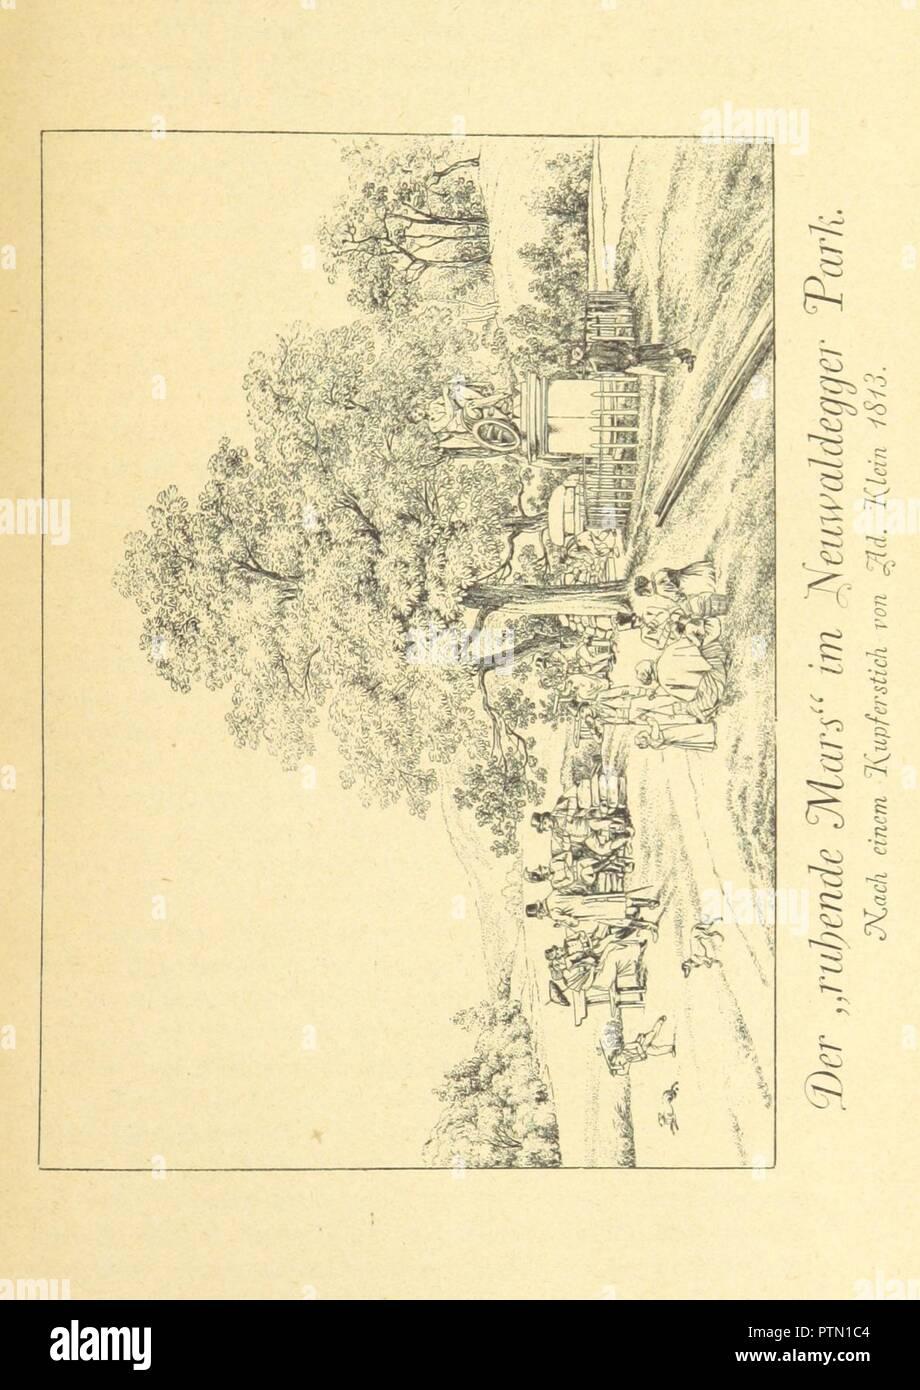 Page 69 Of Geschichte Der Ortschaften Dornbach Und Neuwaldegg Bei